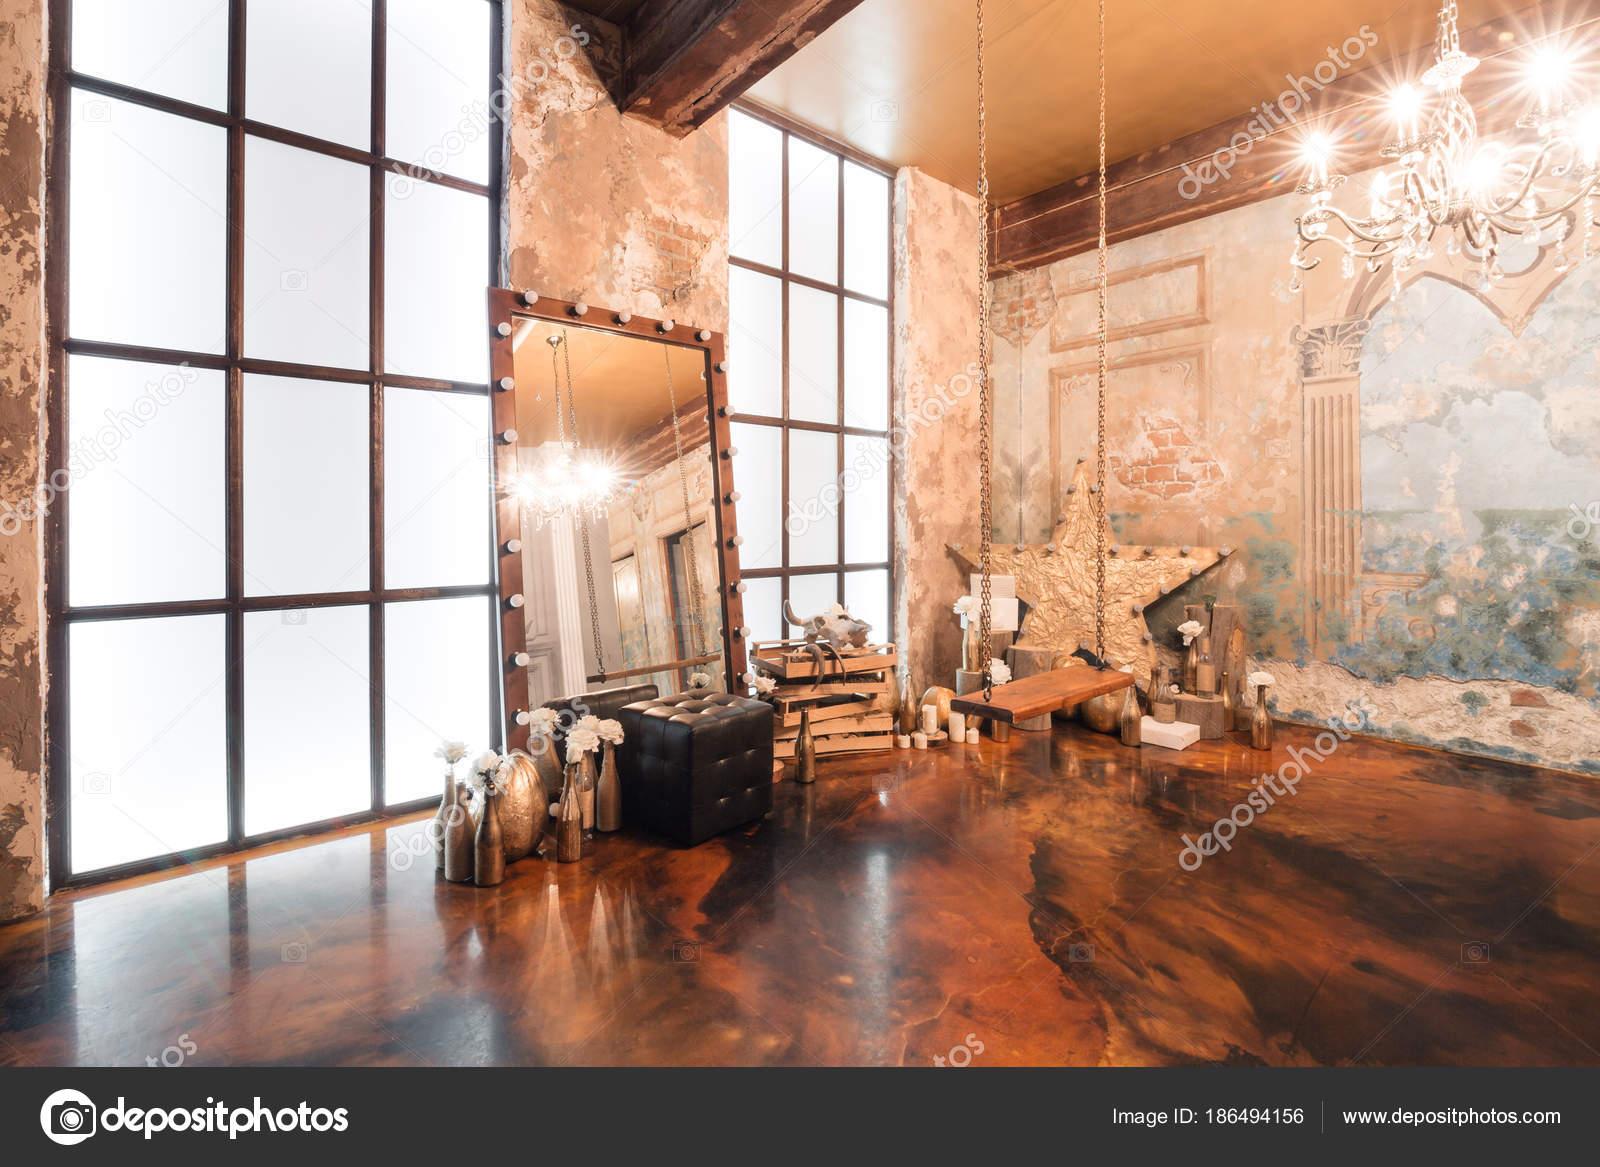 Loft-Interieur mit Spiegel, Kerzen, Ziegelmauer, große Fenster ...